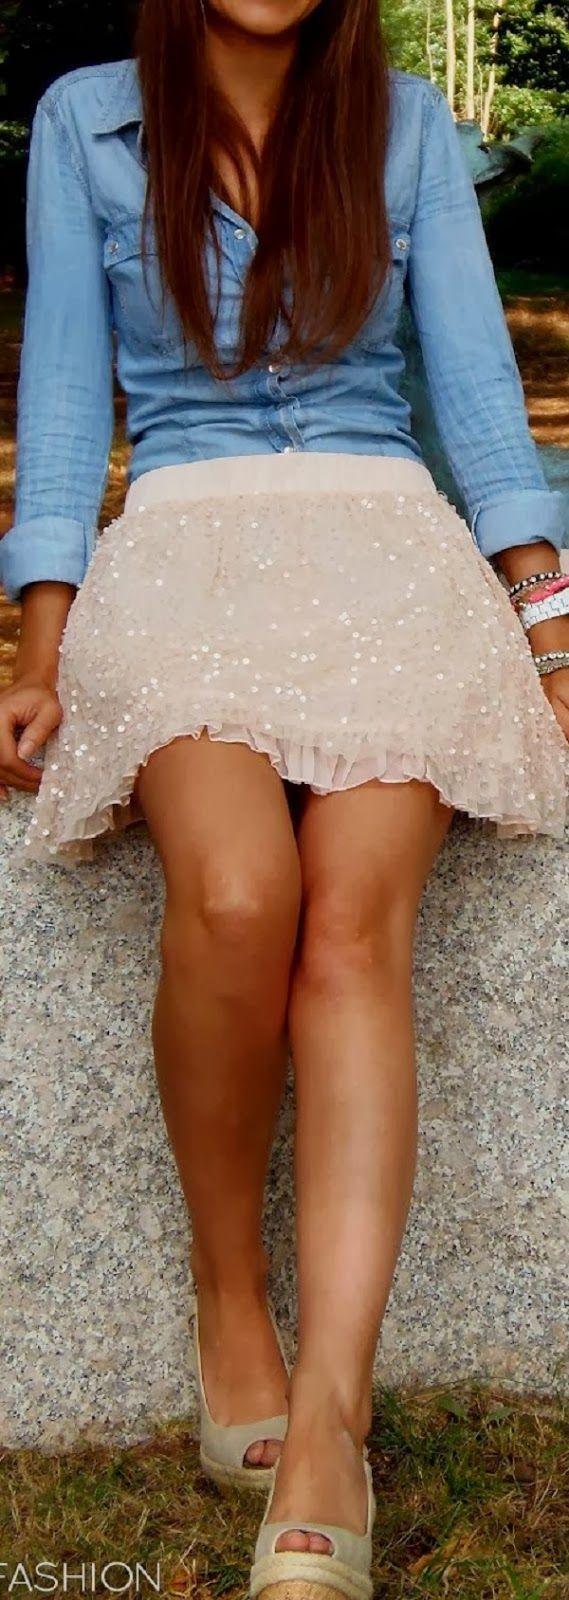 Pin by Olivia Lacy on The Wardrobe I Wish I Had